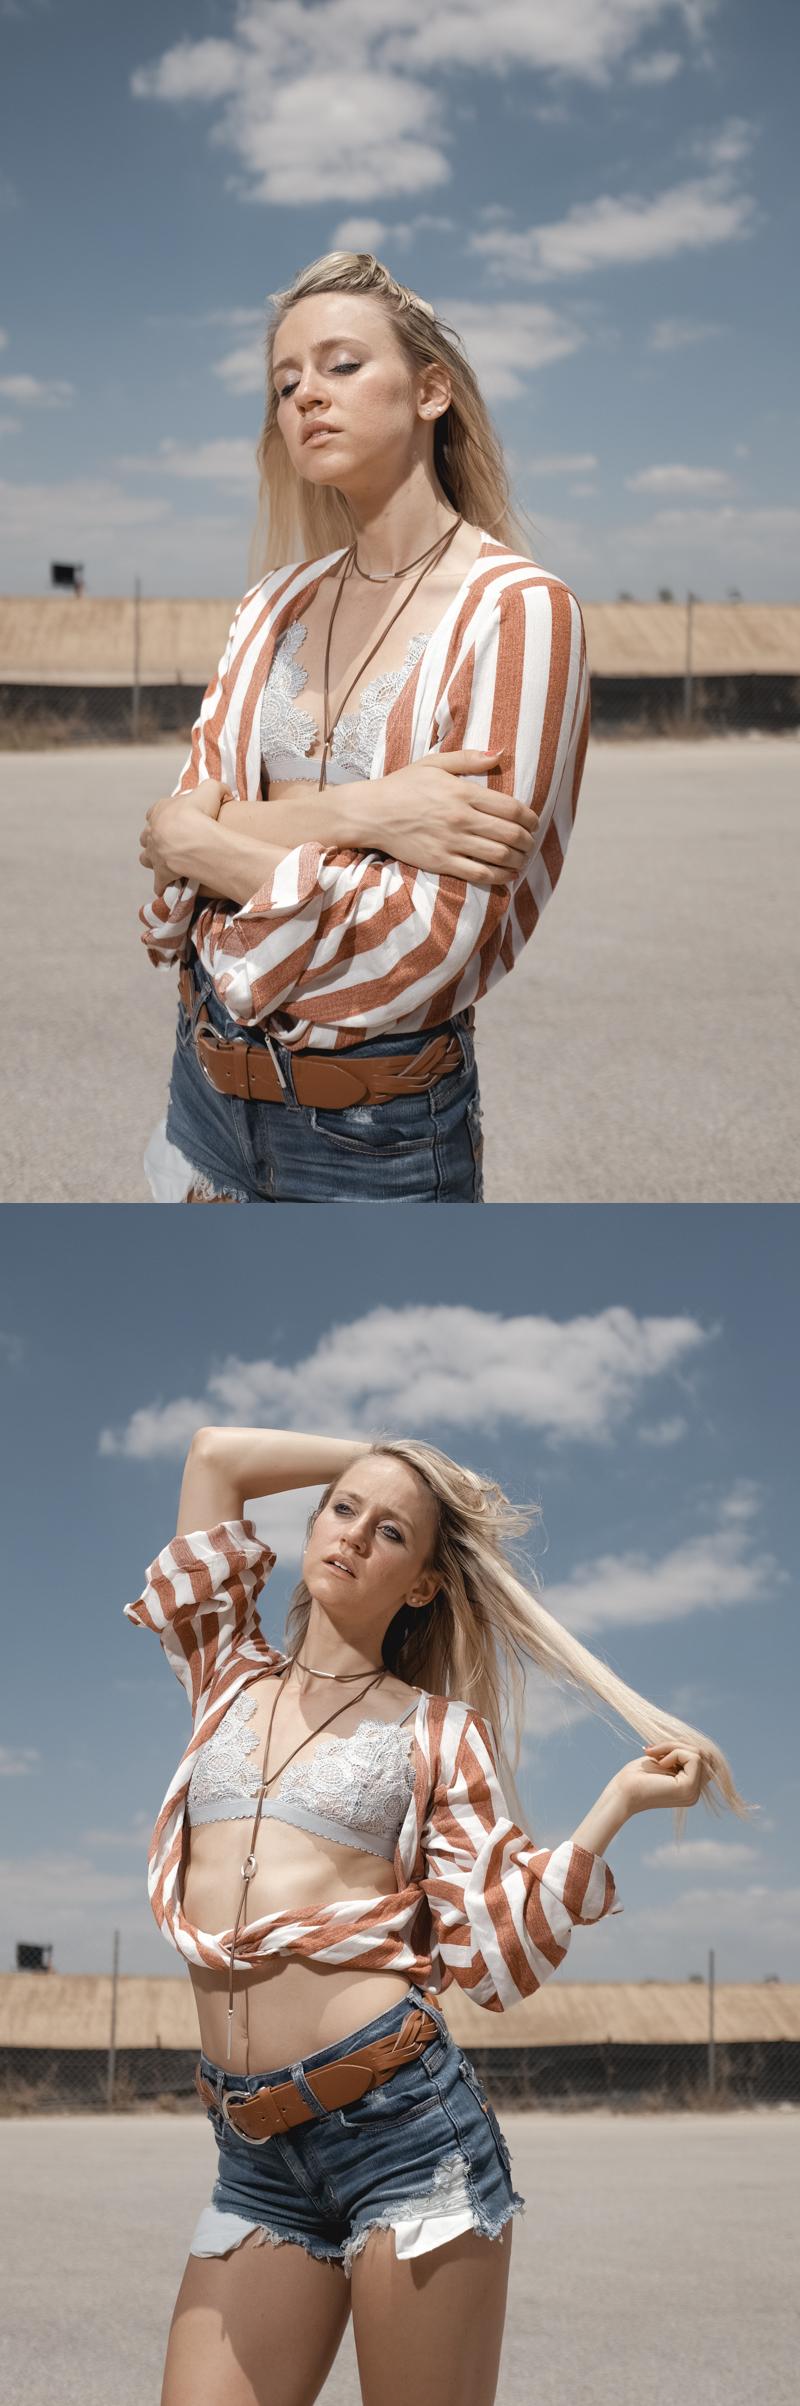 Male model photo shoot of zurkzees in Houston